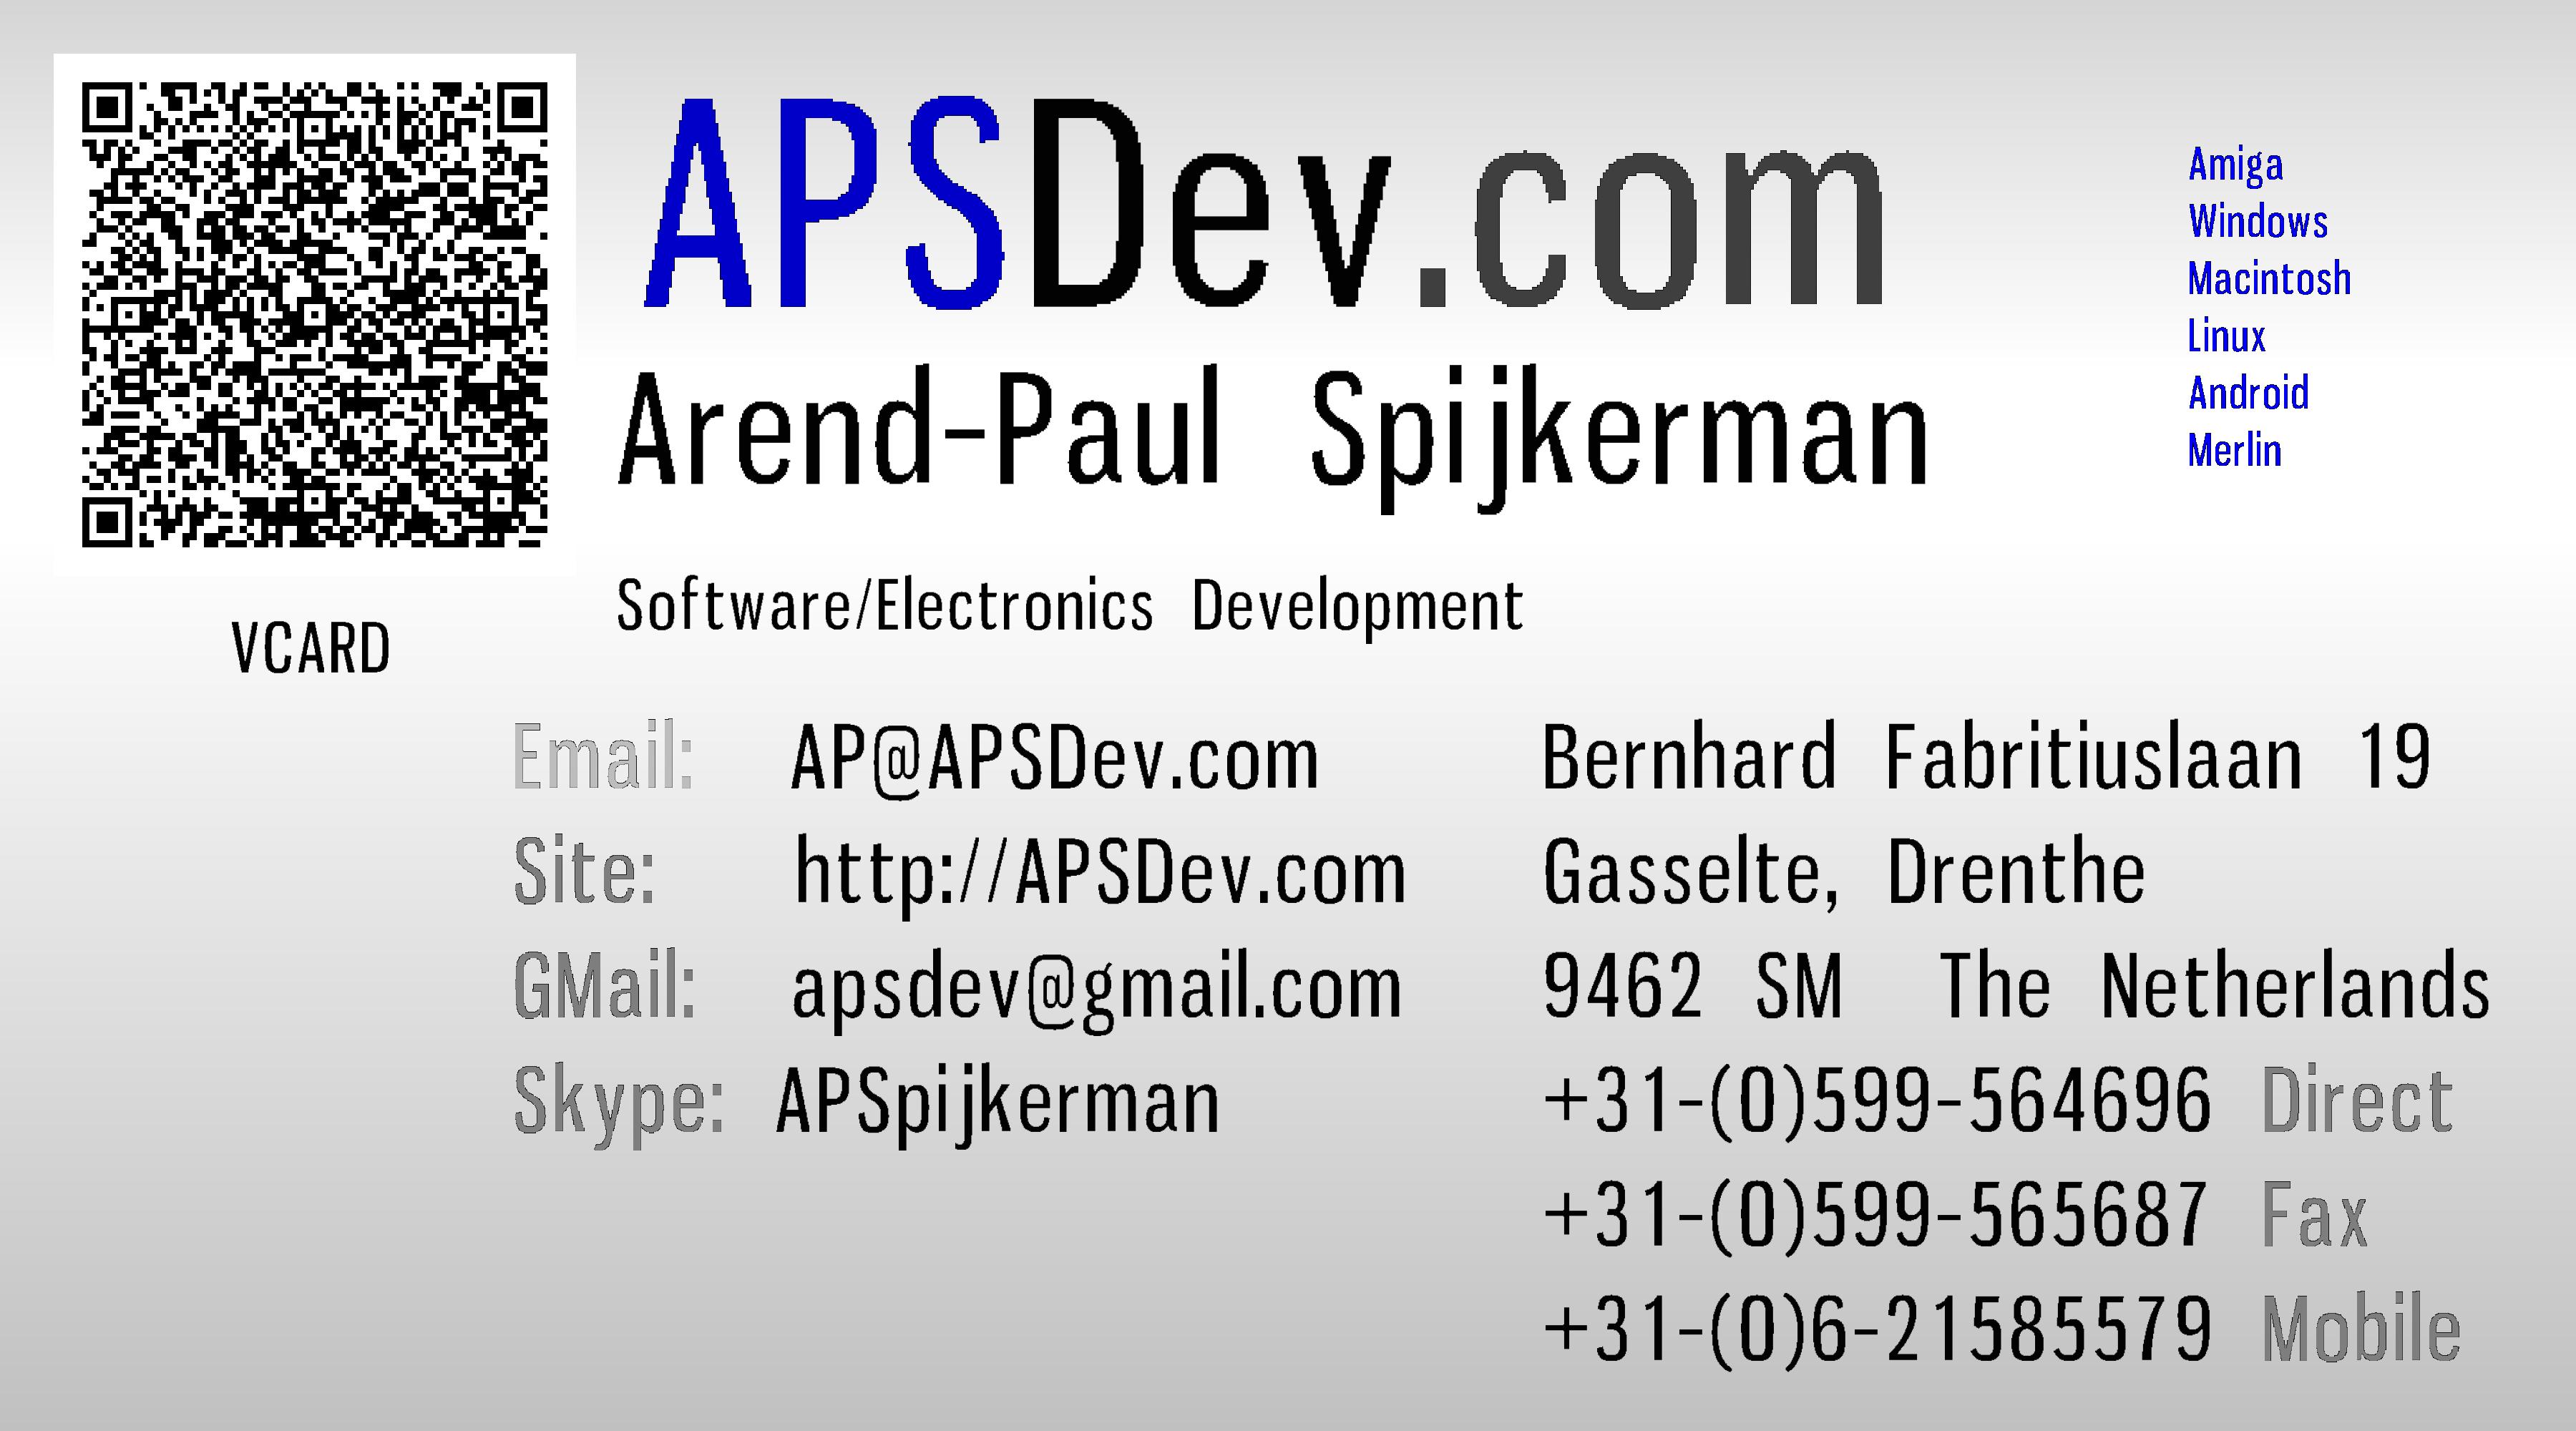 APSDev: Services